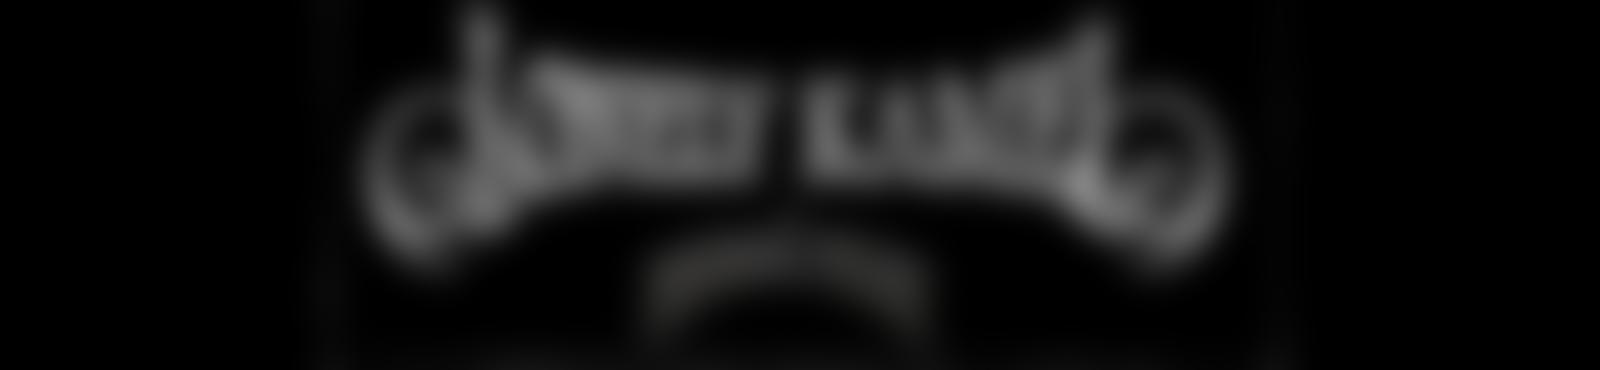 Blurred 5b4ffff5 94d6 467c 9956 8e3f07100f22